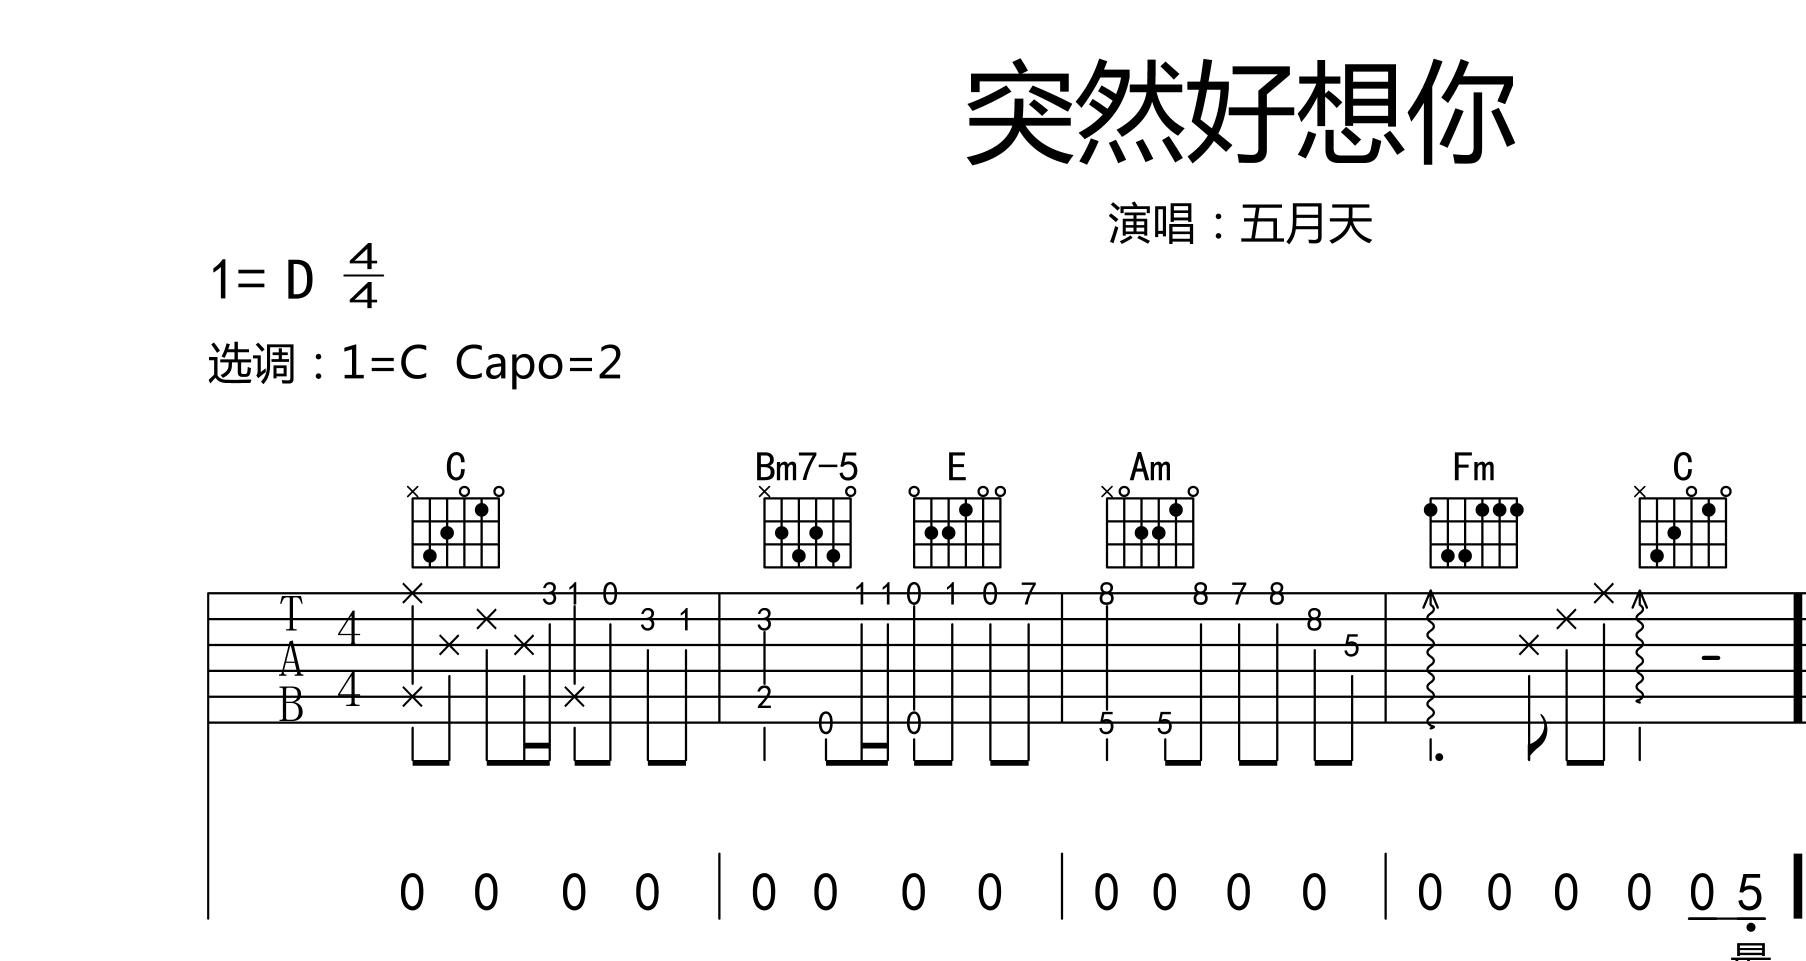 想问下怎么将吉他的em7,dm7,cmaj7,fmaj7转换成尤克尤克里里的和弦?图片